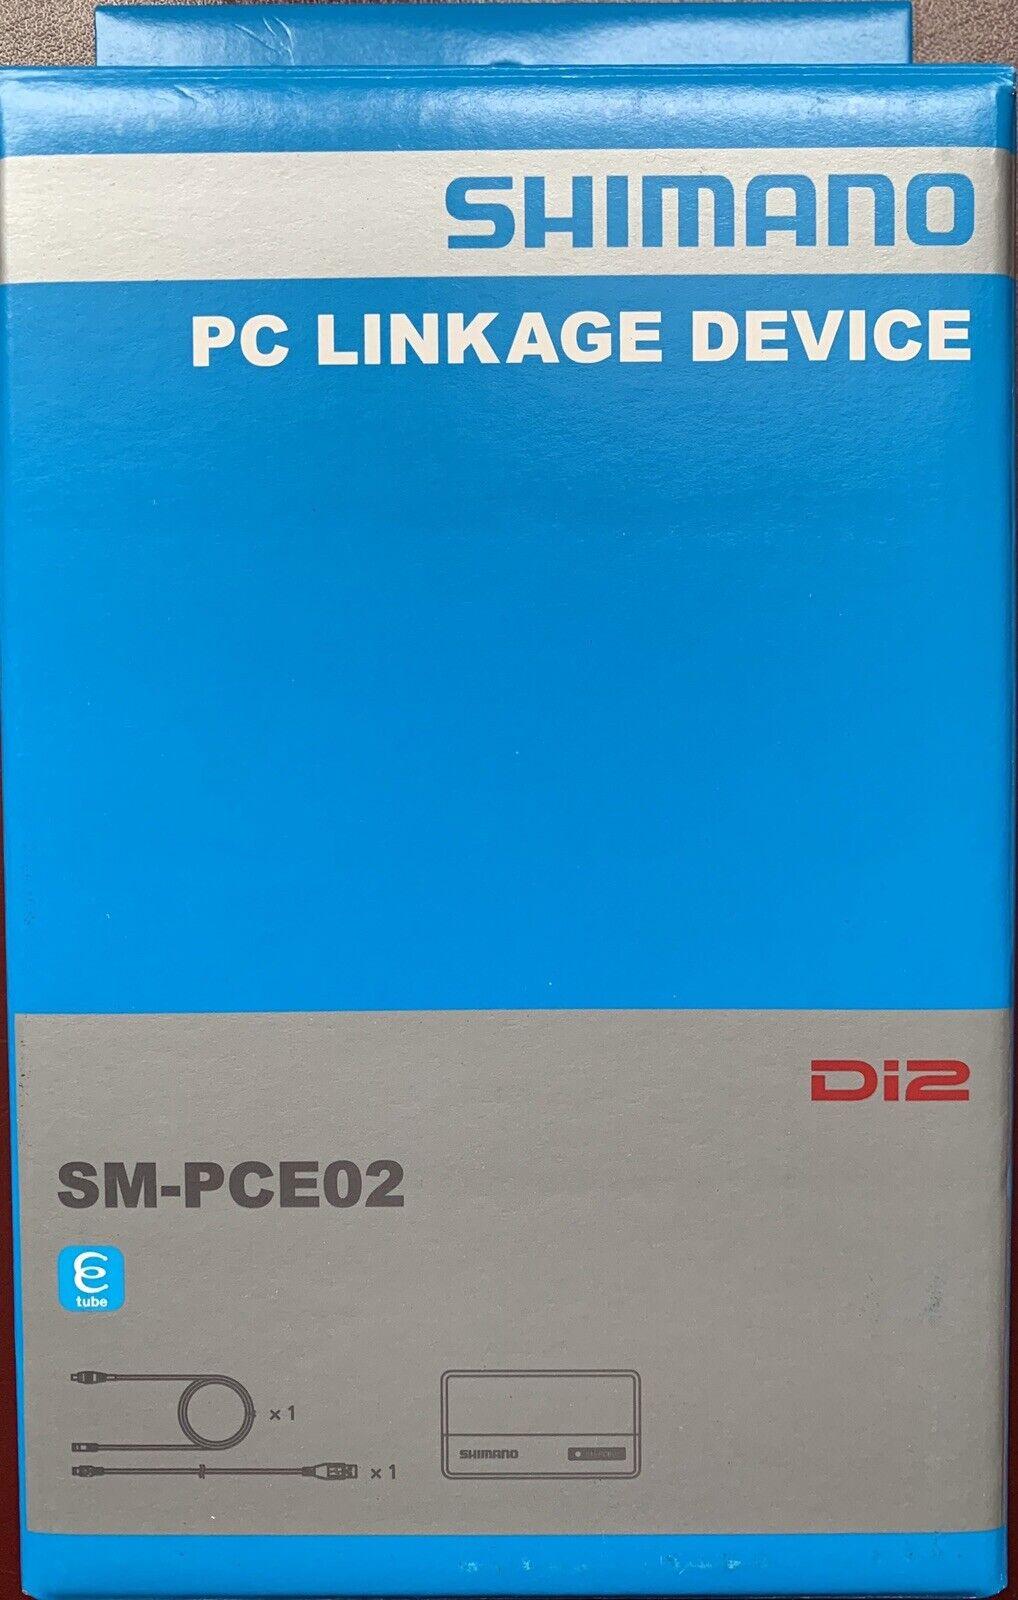 Shimano einstellkit sm-pce2 para dura-ACE, ultegra, Deore XT, di2 2019 nuevo embalaje original